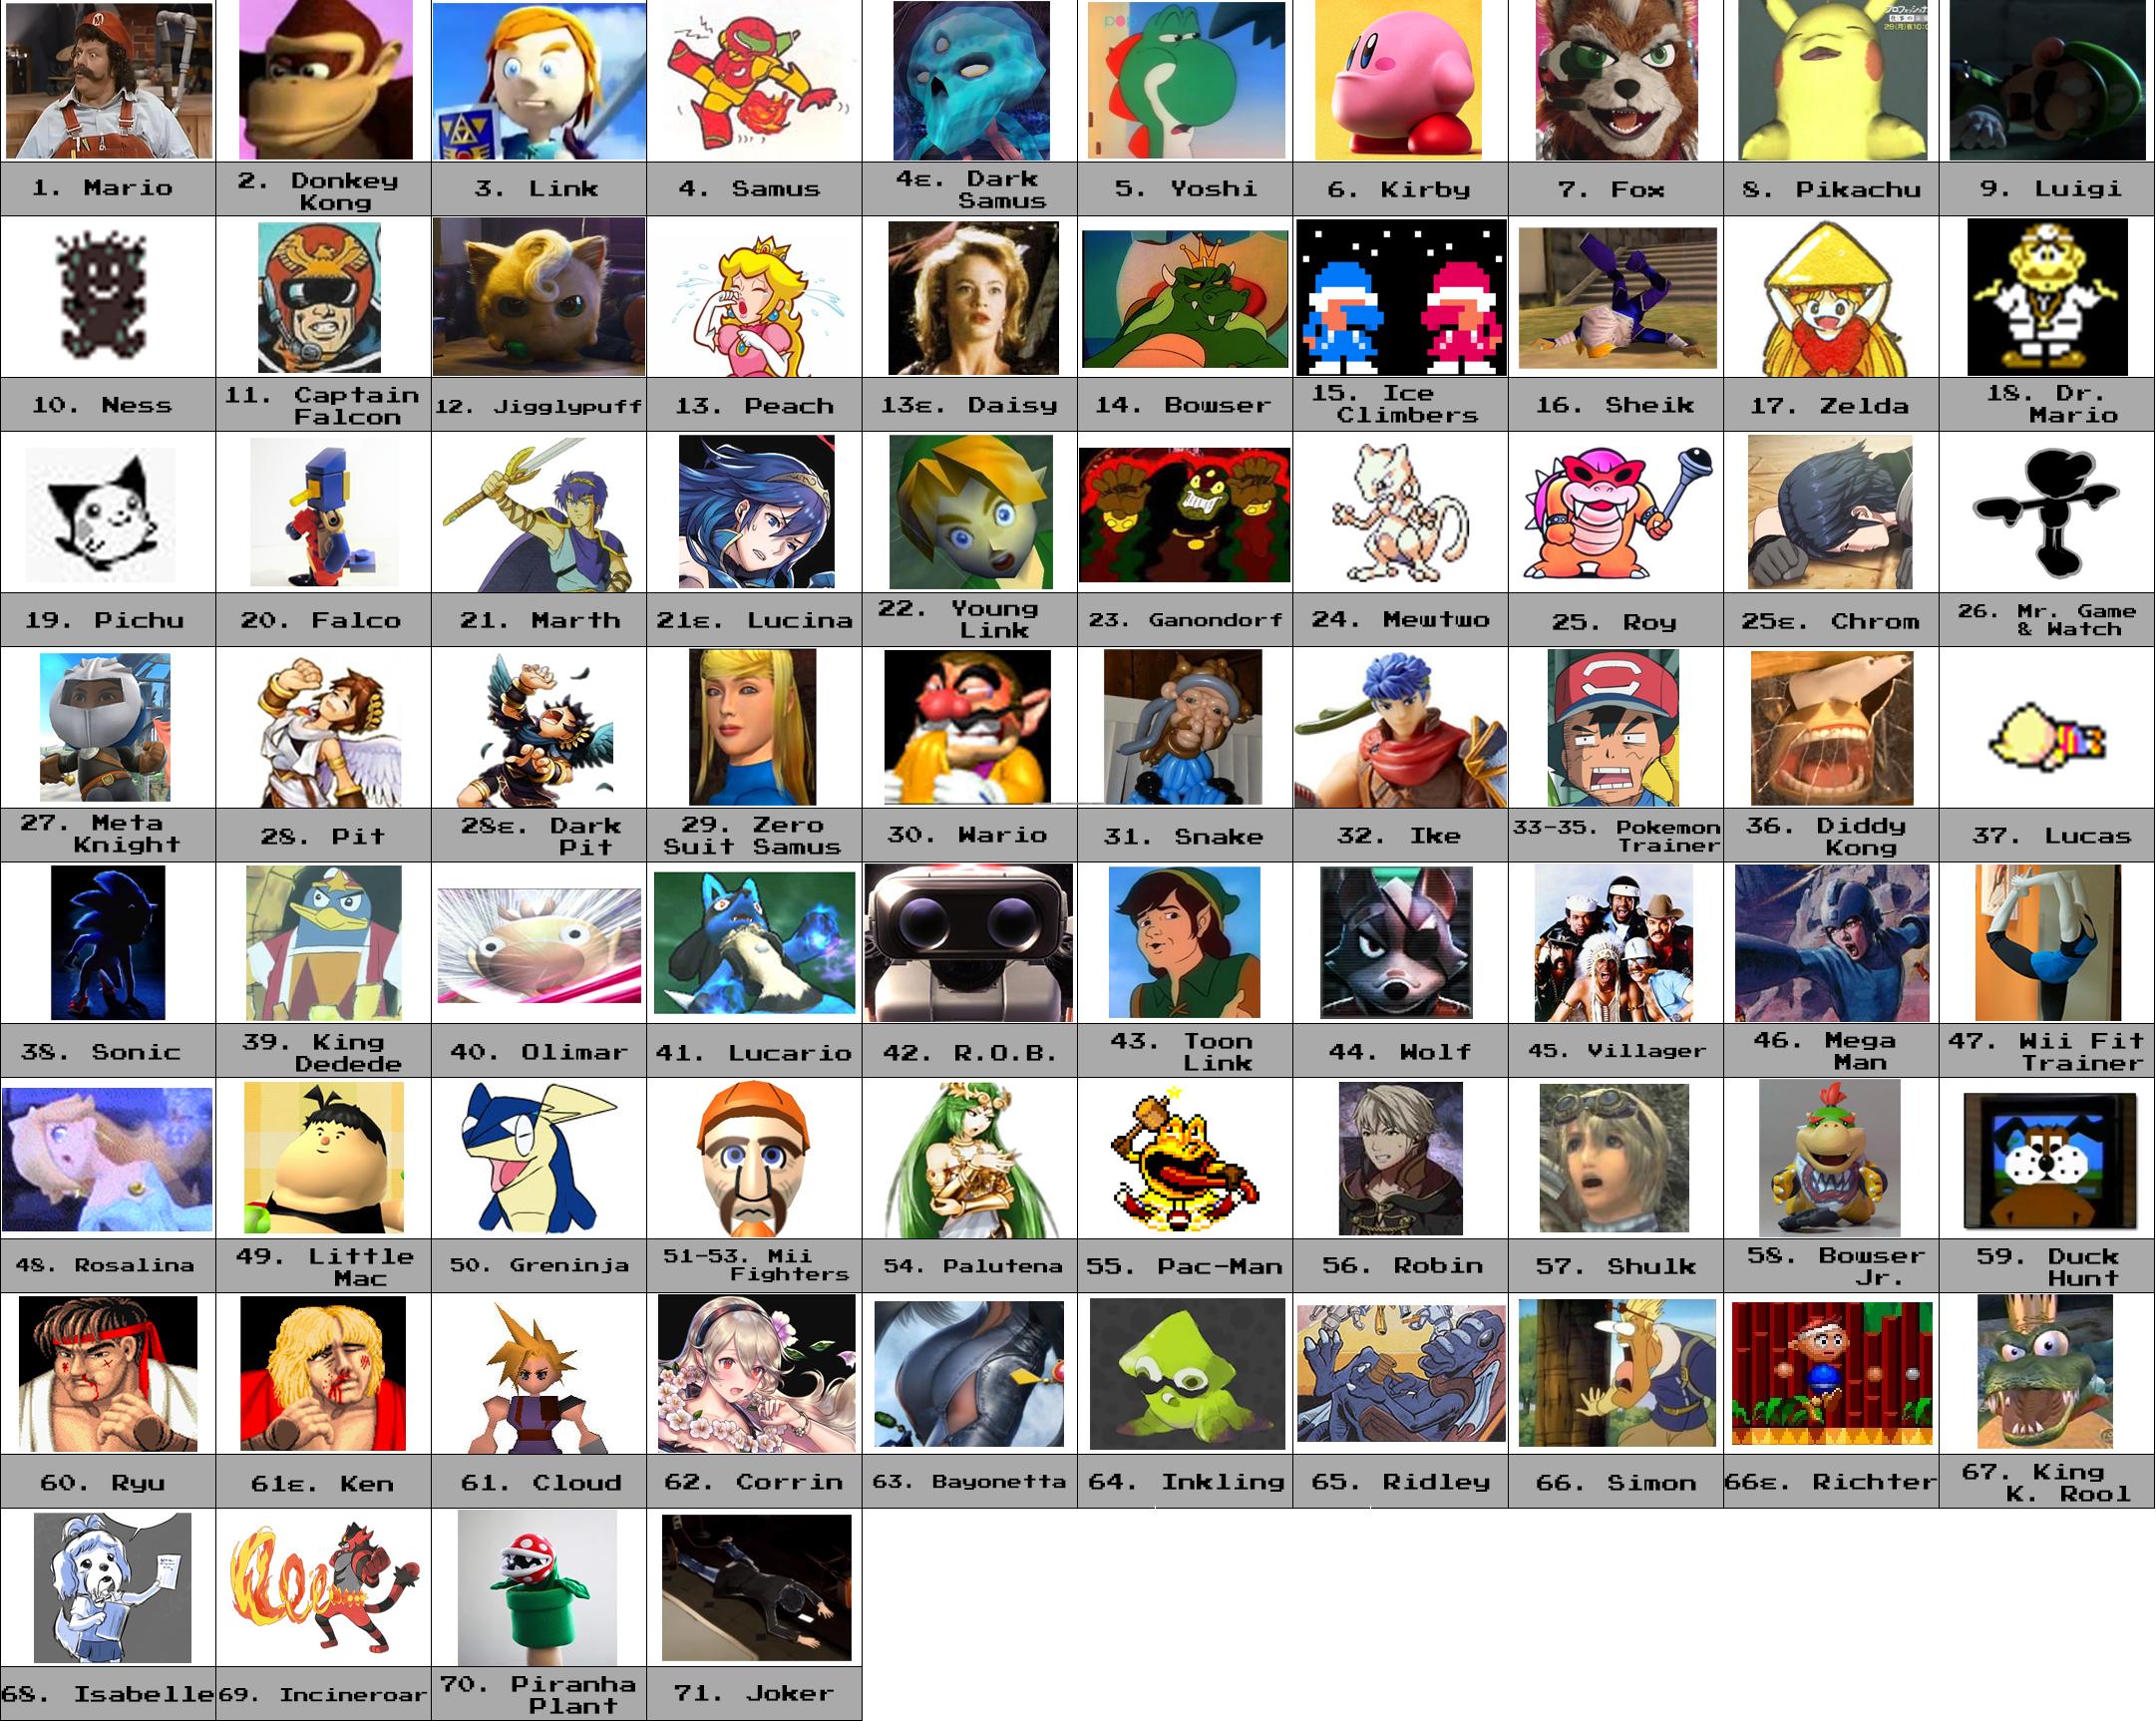 Smash Bros  Ultimate Roster + Confirmed DLC | Super Smash Brothers